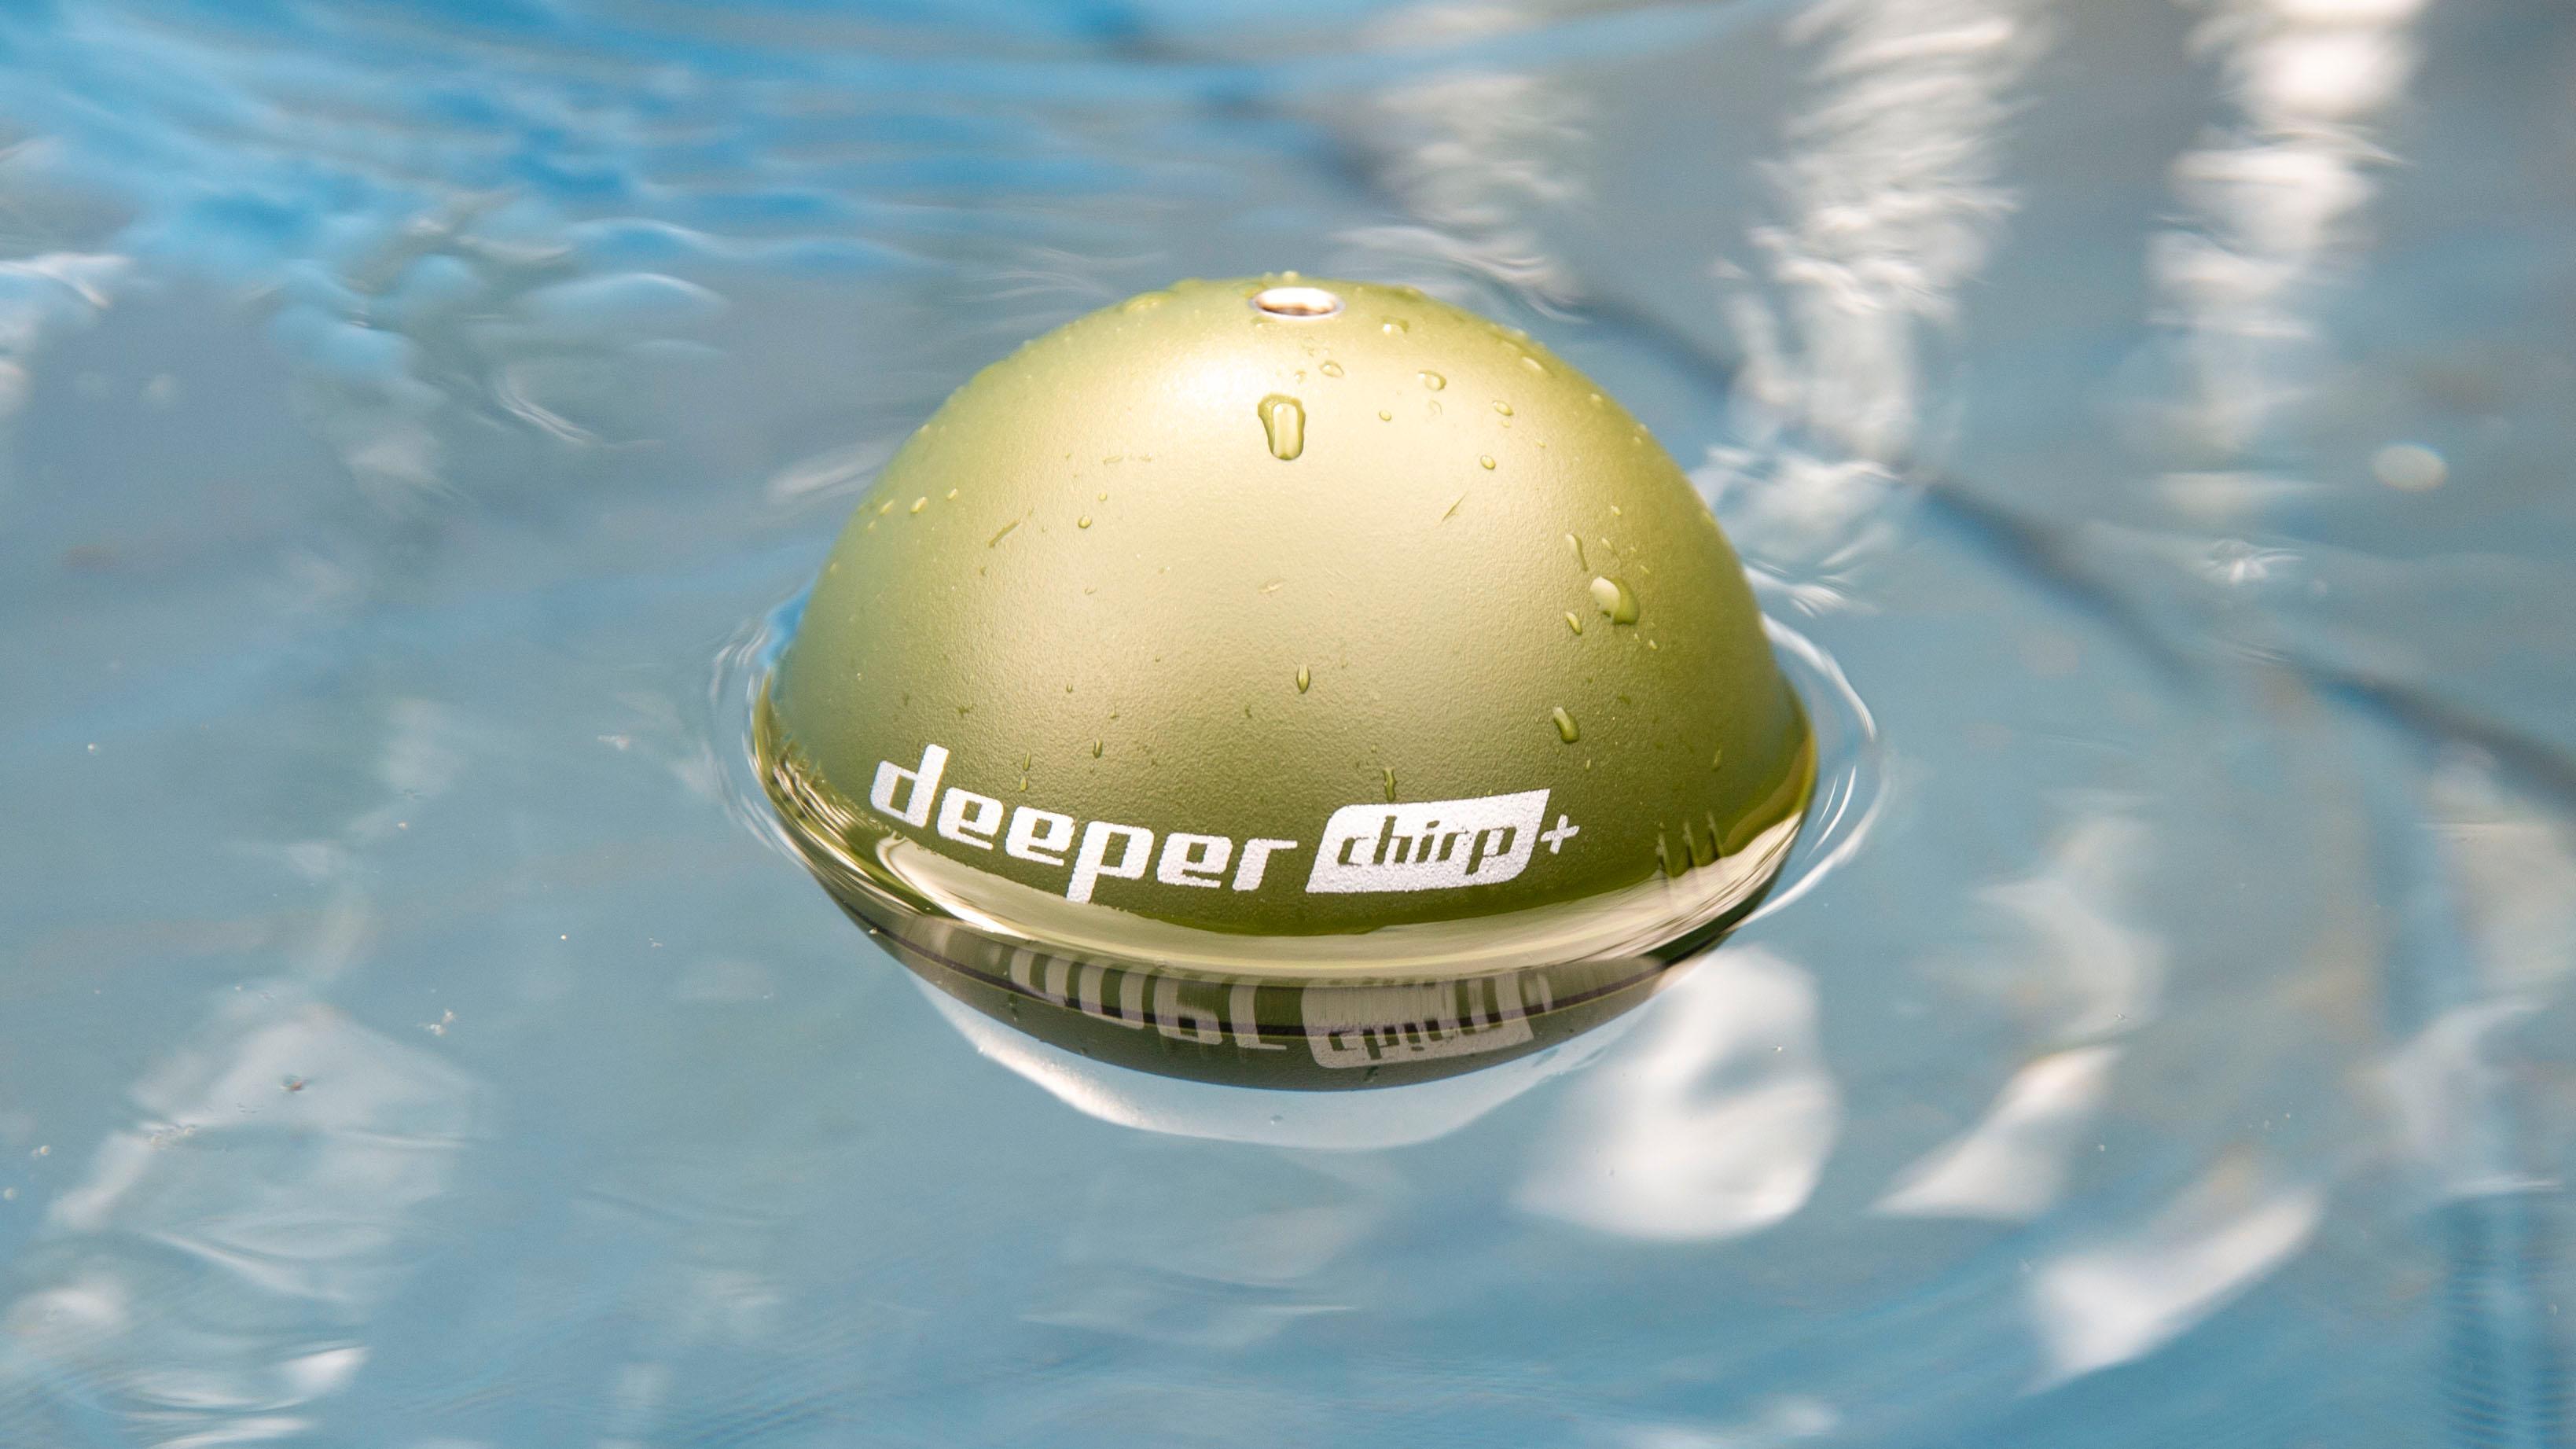 Ekkolodd-ballen flyter godt. Så skulle du være uheldig at lina ryker, så kan du alltids svømme ut og hente den.